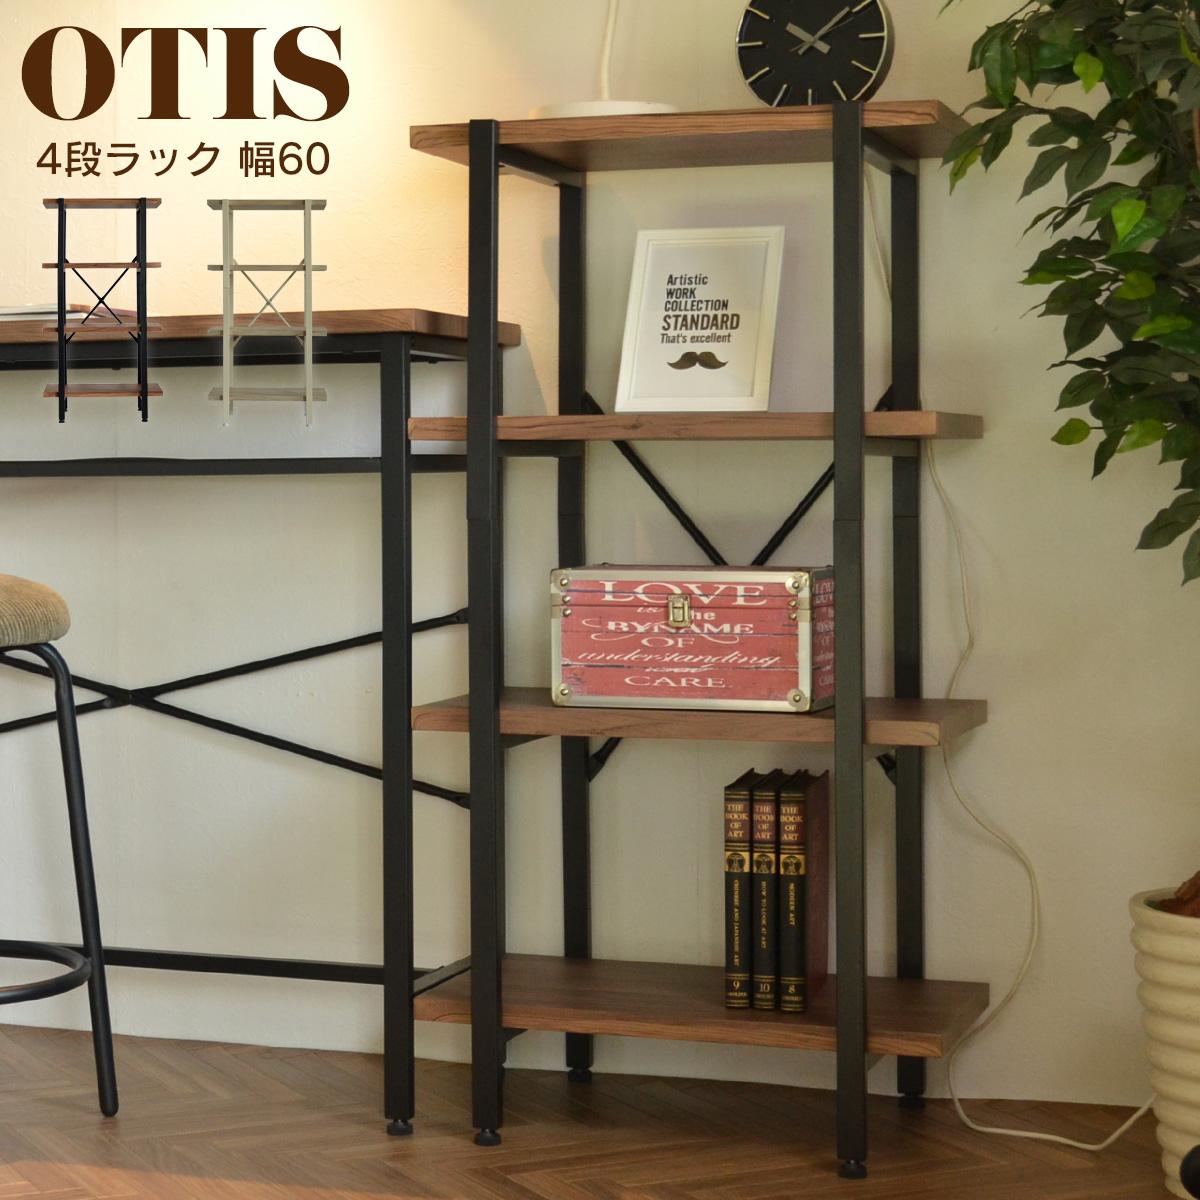 OTIS オーティス 4段ラック 幅60 オープン 収納 木製 棚 本棚 シェルフ 間仕切り ディスプレイ コンパクト スリム 省スペース 一人暮らし リビング おしゃれ デザイン